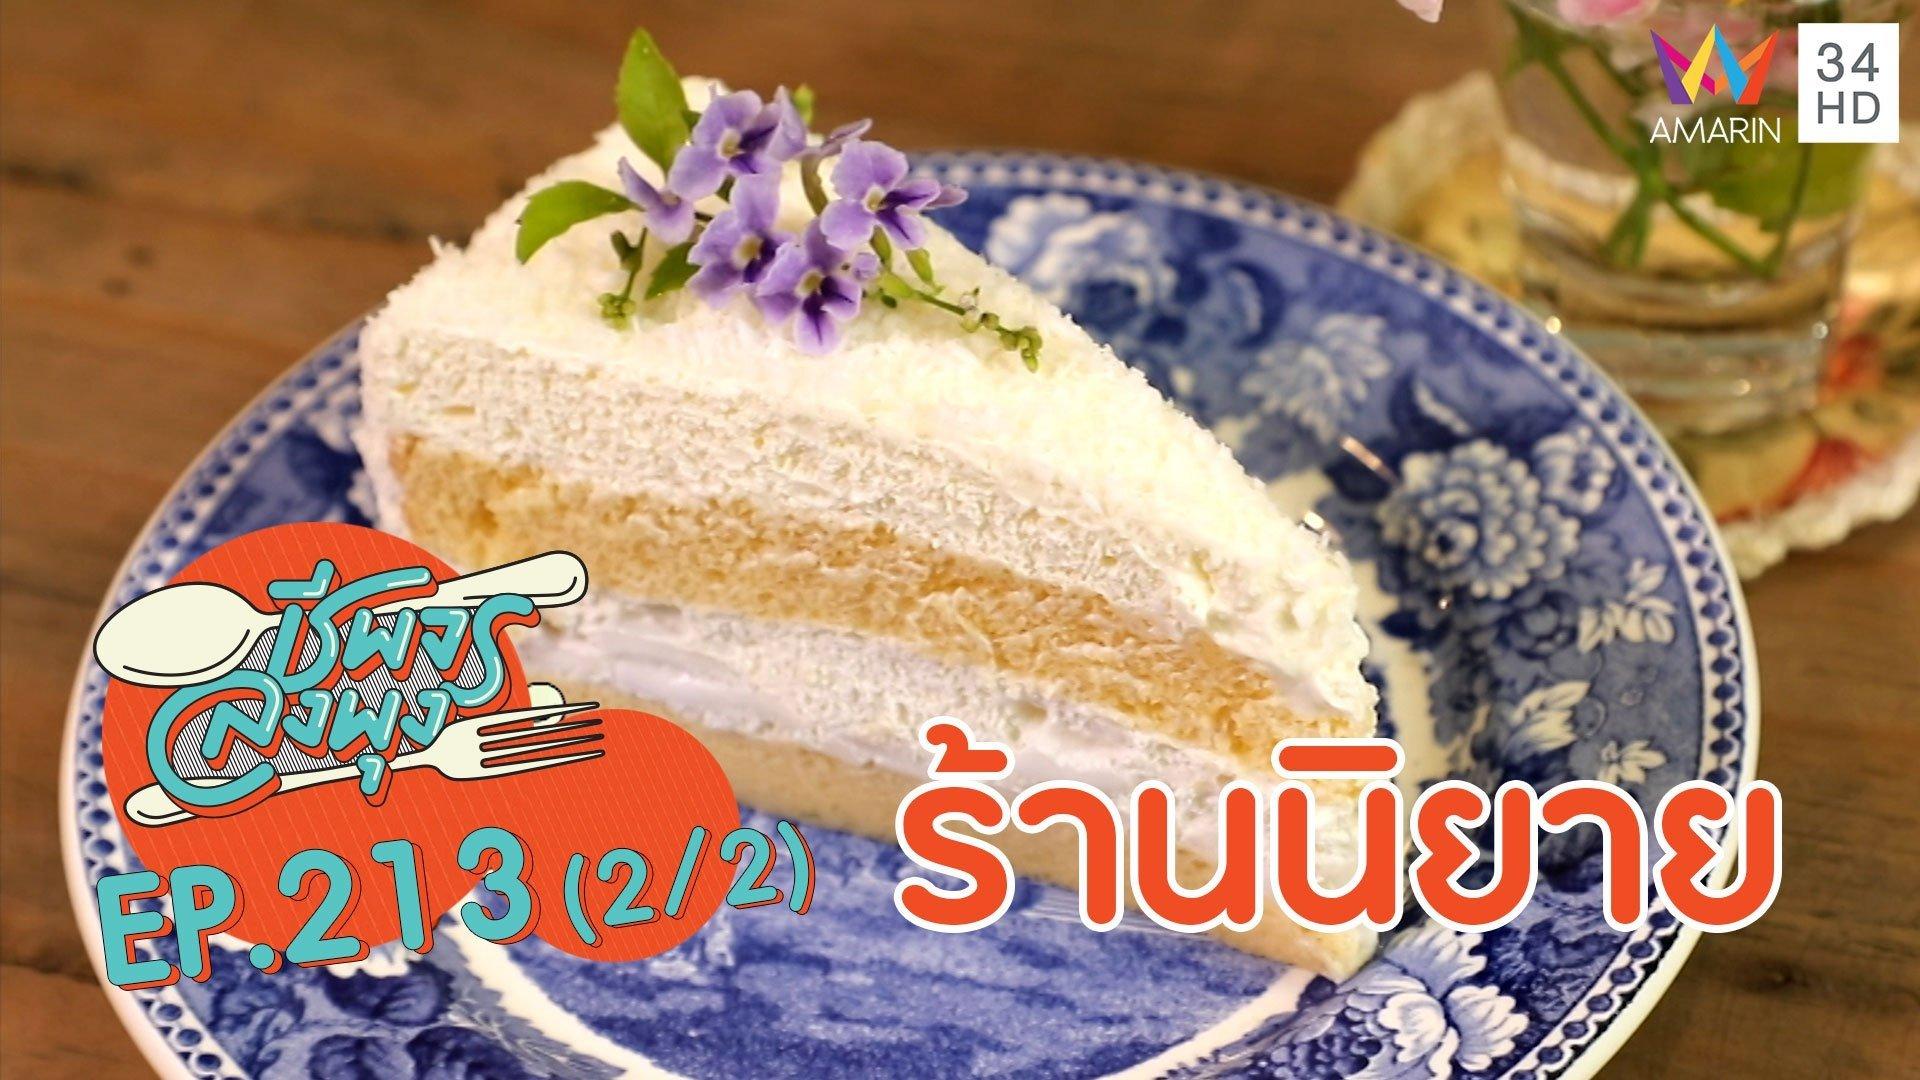 'ร้านนิยาย' อาหารเลิศกินแล้วสดชื่น   ชีพจรลงพุง   6 เม.ย. 63 (2/2)   AMARIN TVHD34